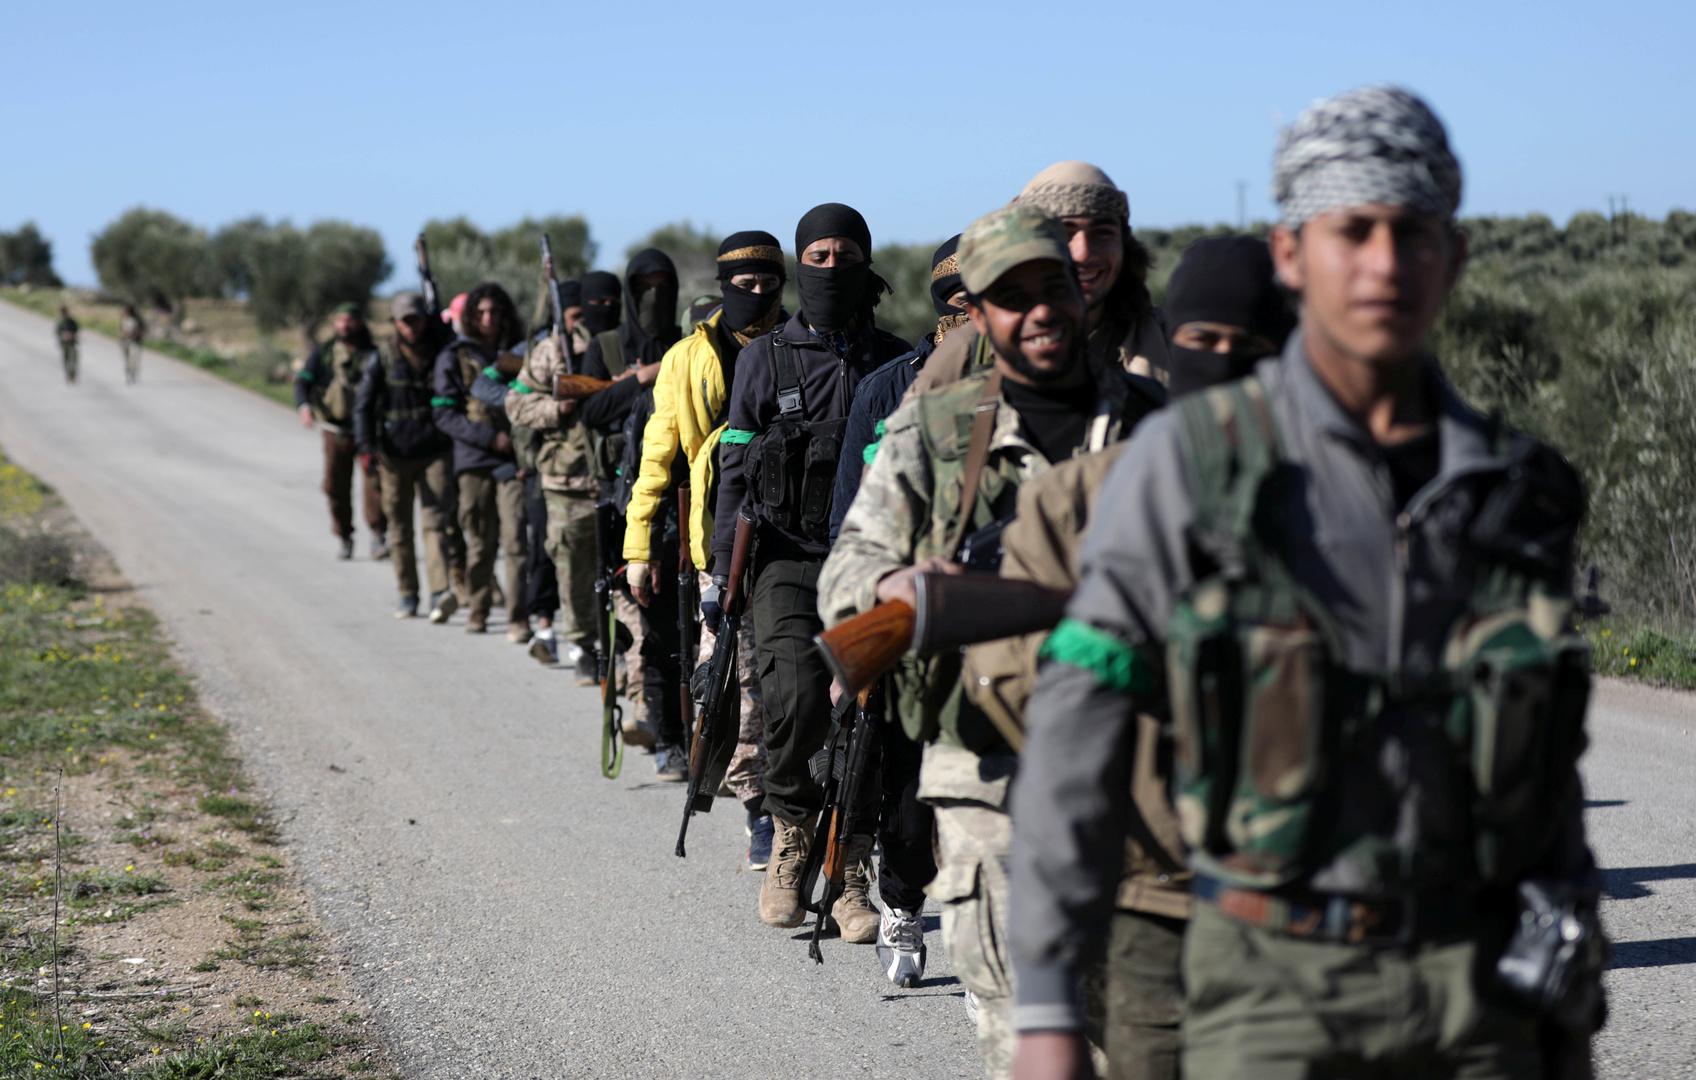 عناصر للفصائل المسلحة السورية الموالية لتركيا في عفرين - صورة أرشيفية